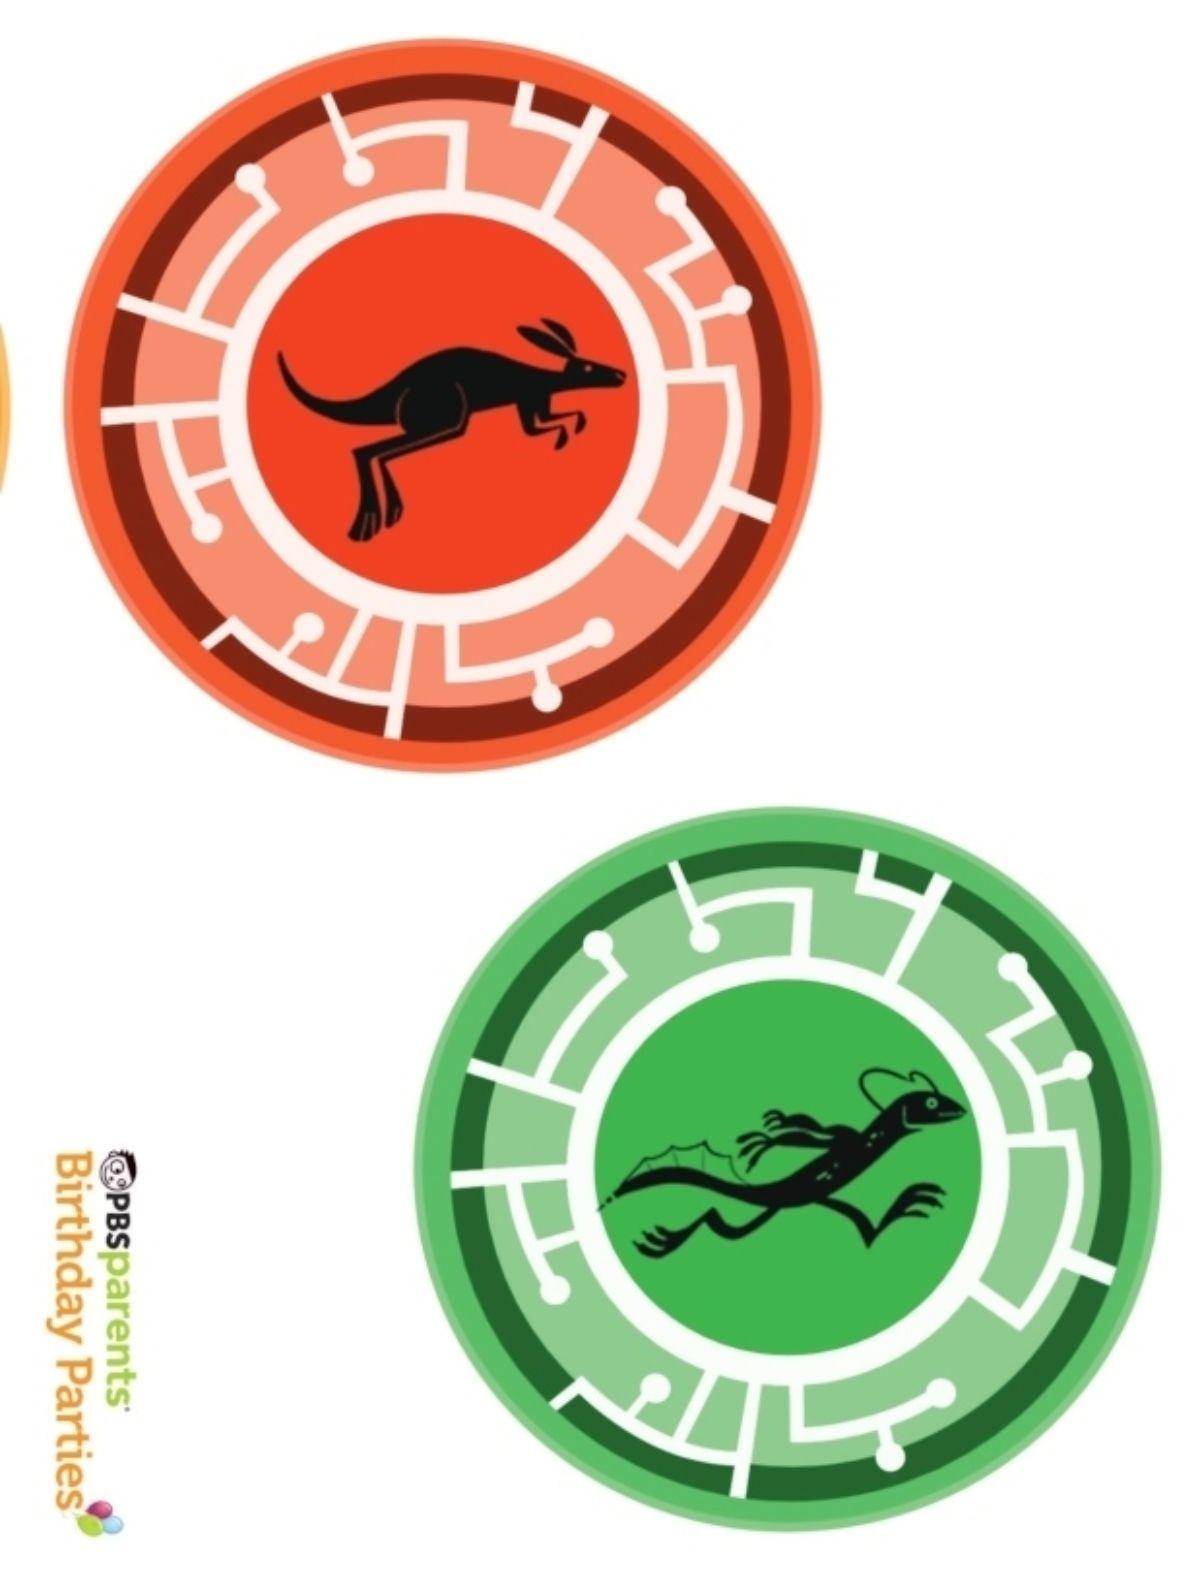 Wild Kratts Creature Power Discs Kids Pbs Kids For Parents In 2020 Wild Kratts Wild Kratts Party Wild Kratts Birthday